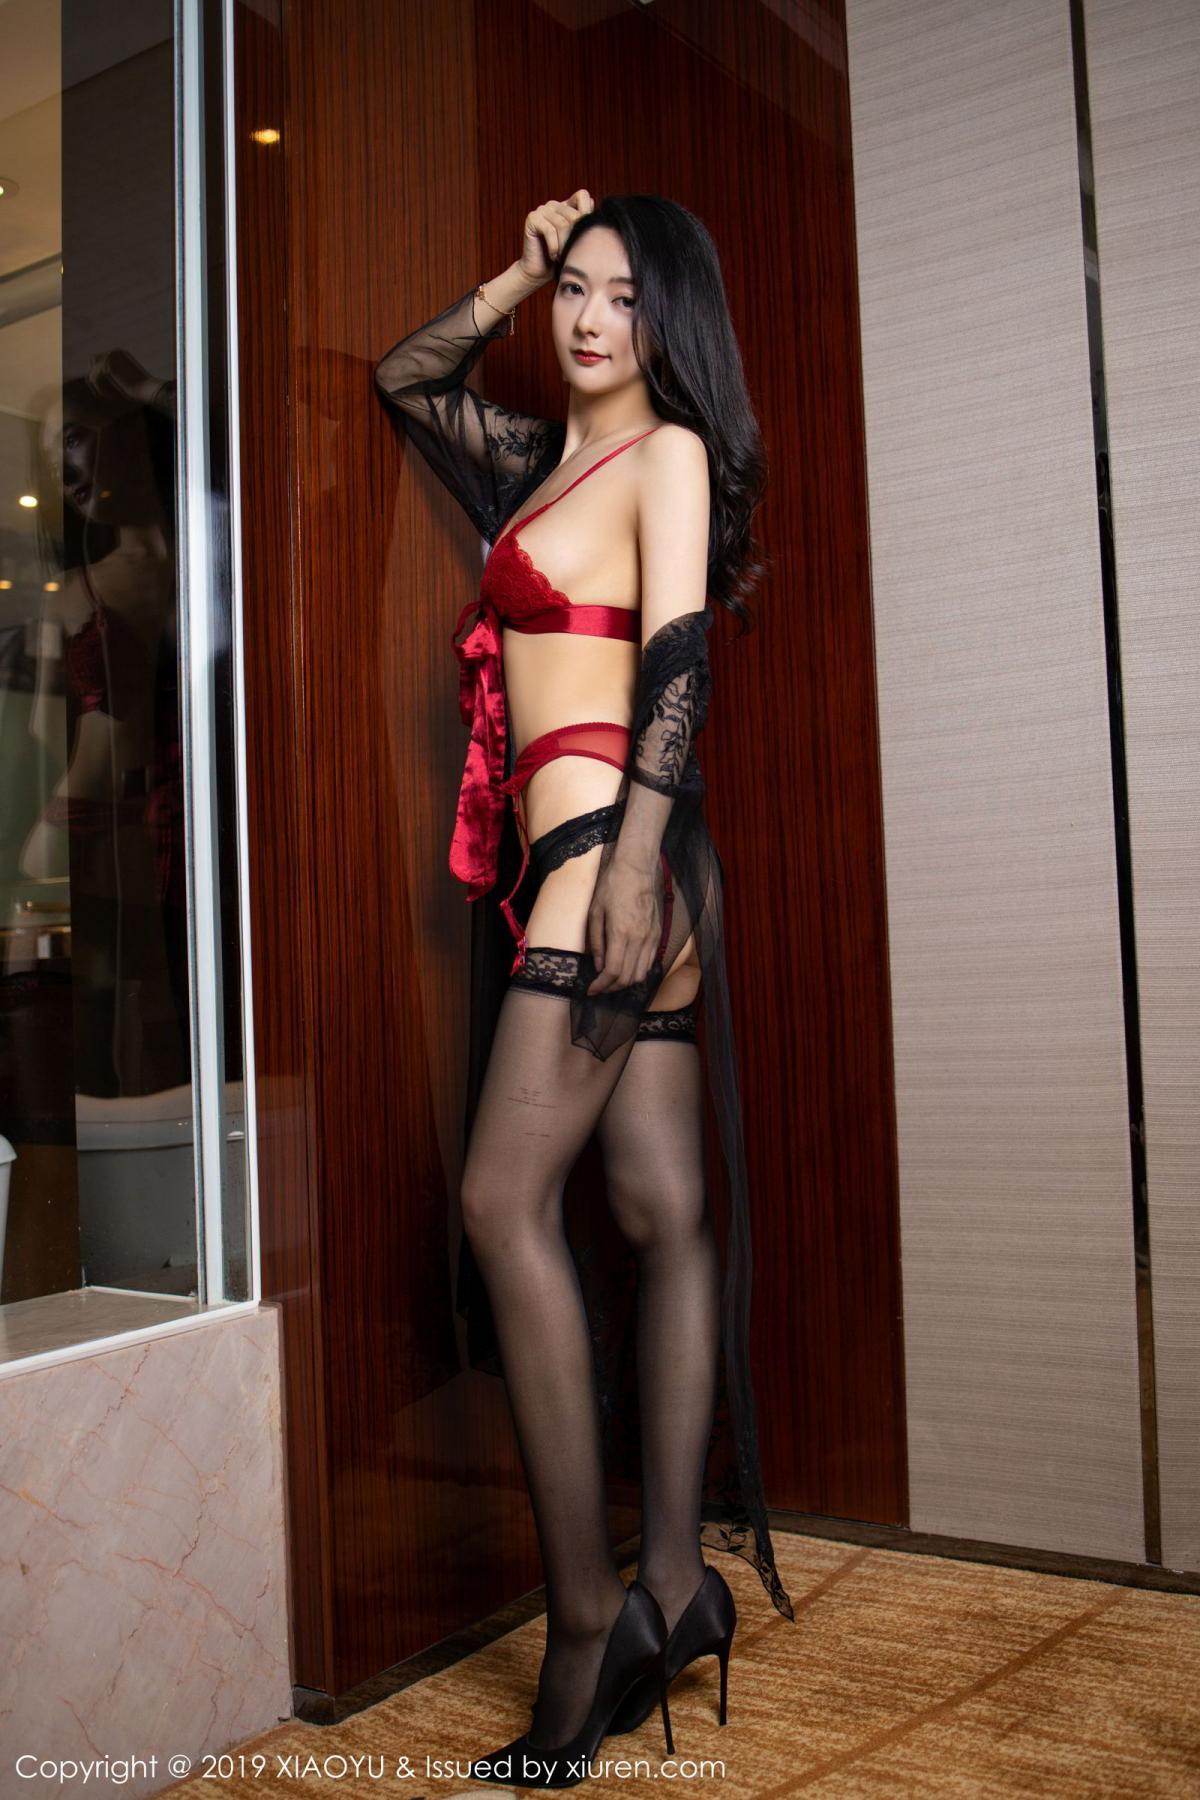 [XiaoYu] Vol.198 Di Yi 1P, Black Silk, Di Yi, Underwear, XiaoYu